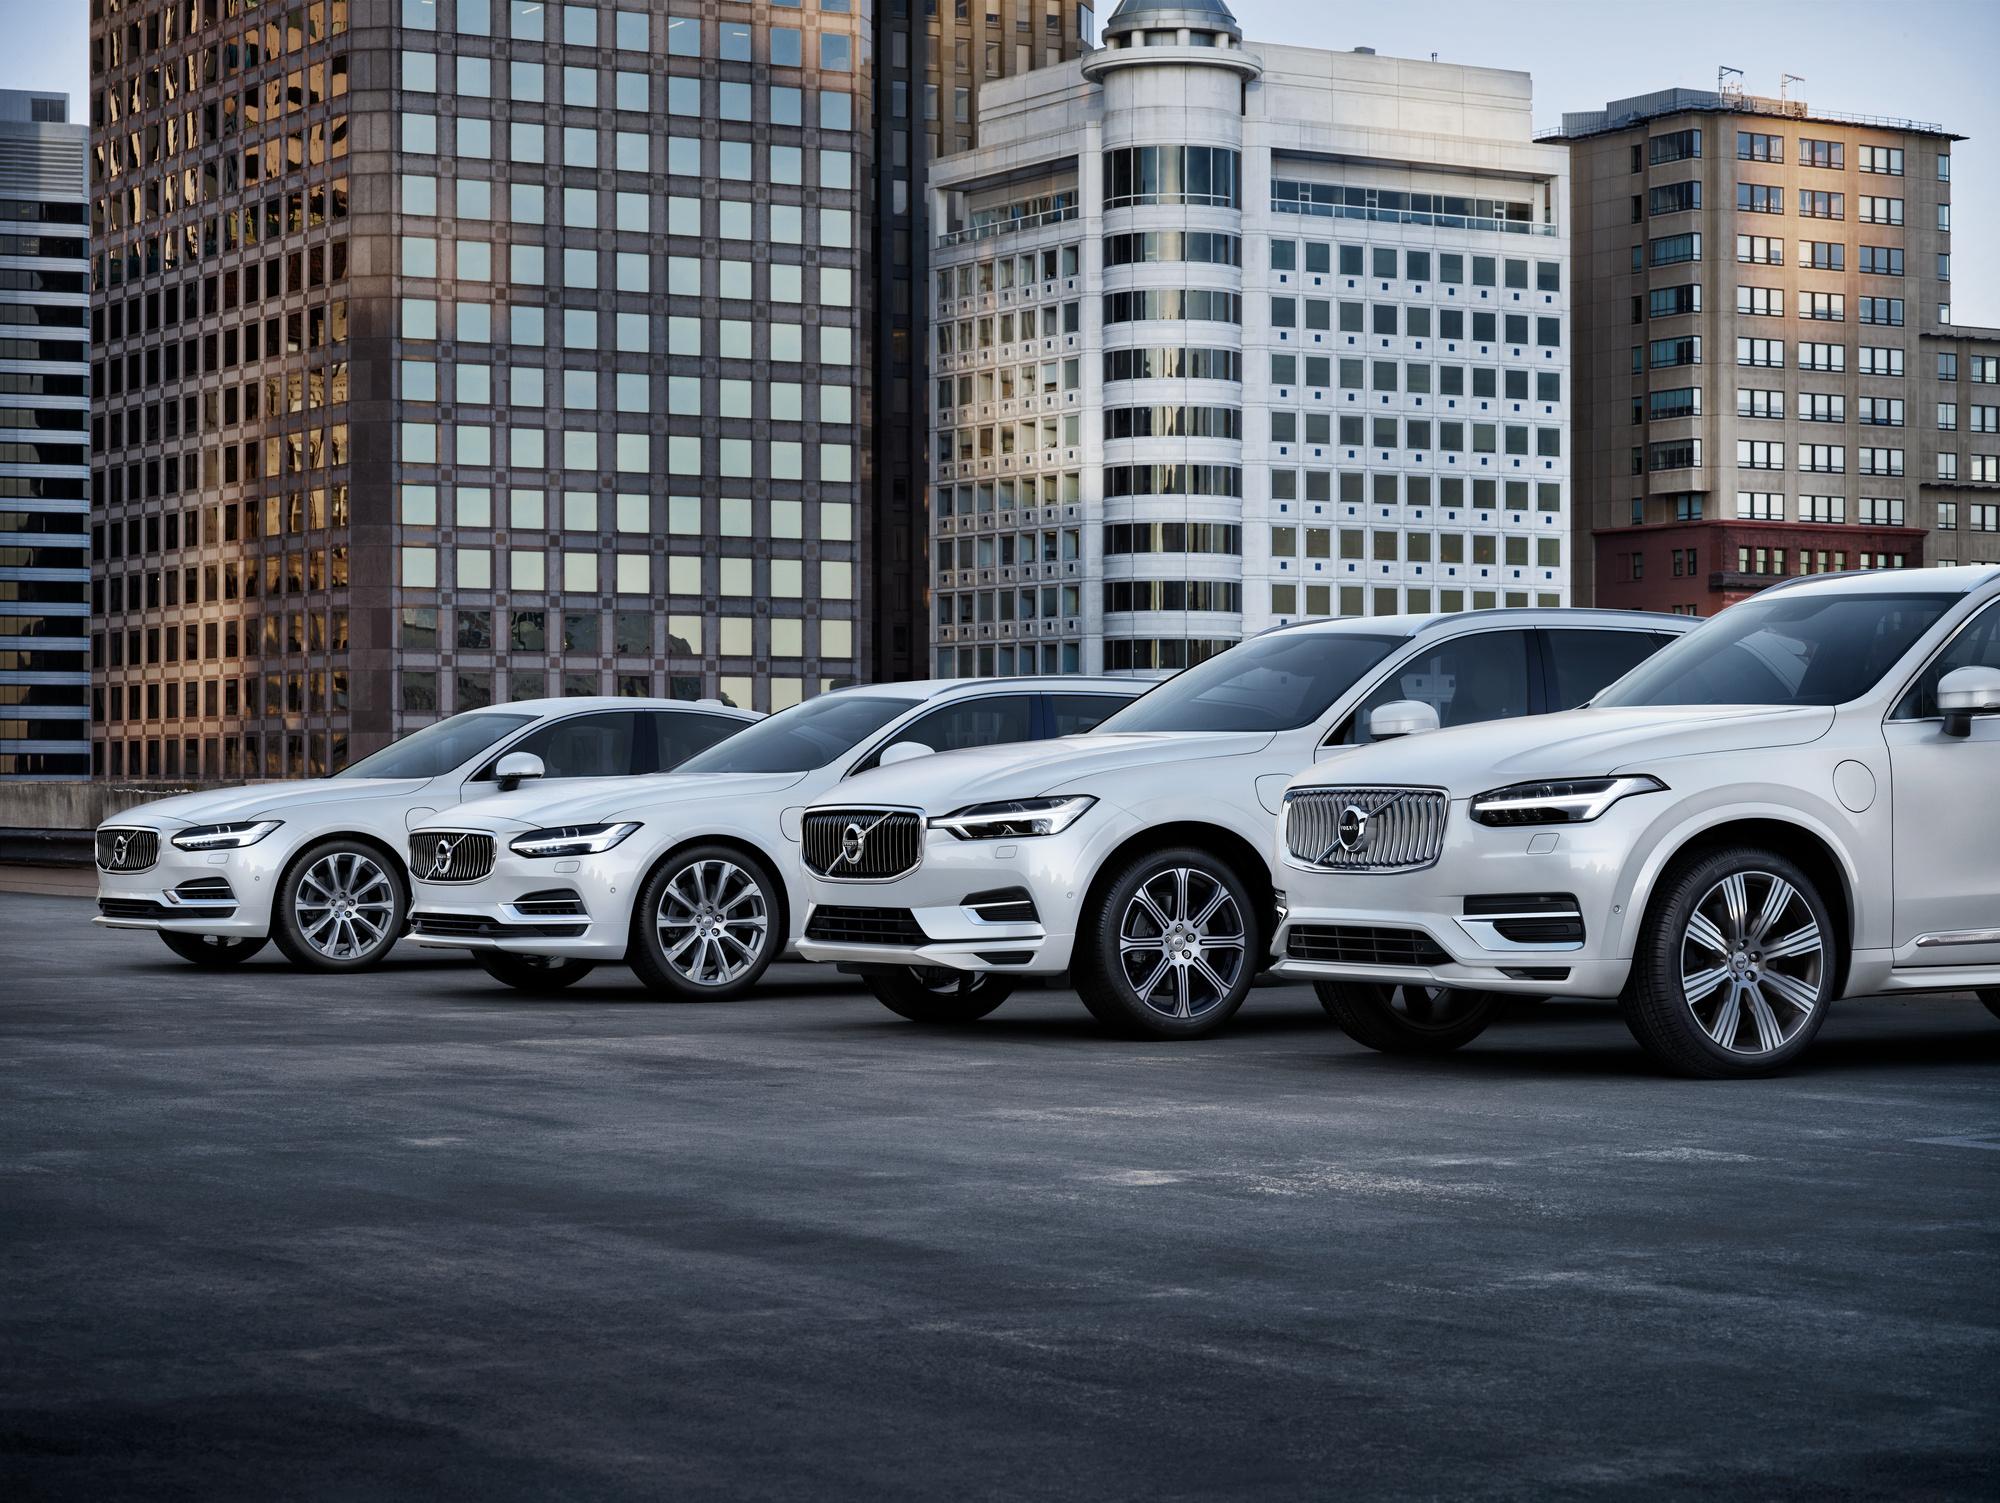 วอลโว่นำเสนอประสบการณ์การขับขี่ชั้นสูง ชูโมเดลใหม่ ปี 2020  นำเสนอ XC90, XC60 และ S90 ด้วยสมรรถนะที่ยอดเยี่ยม พร้อมการตกแต่งที่สะกด ทุกสายตาและสุดยอดเทคโนโลยีที่พาคุณพุ่งทะยานสู่อนาคต